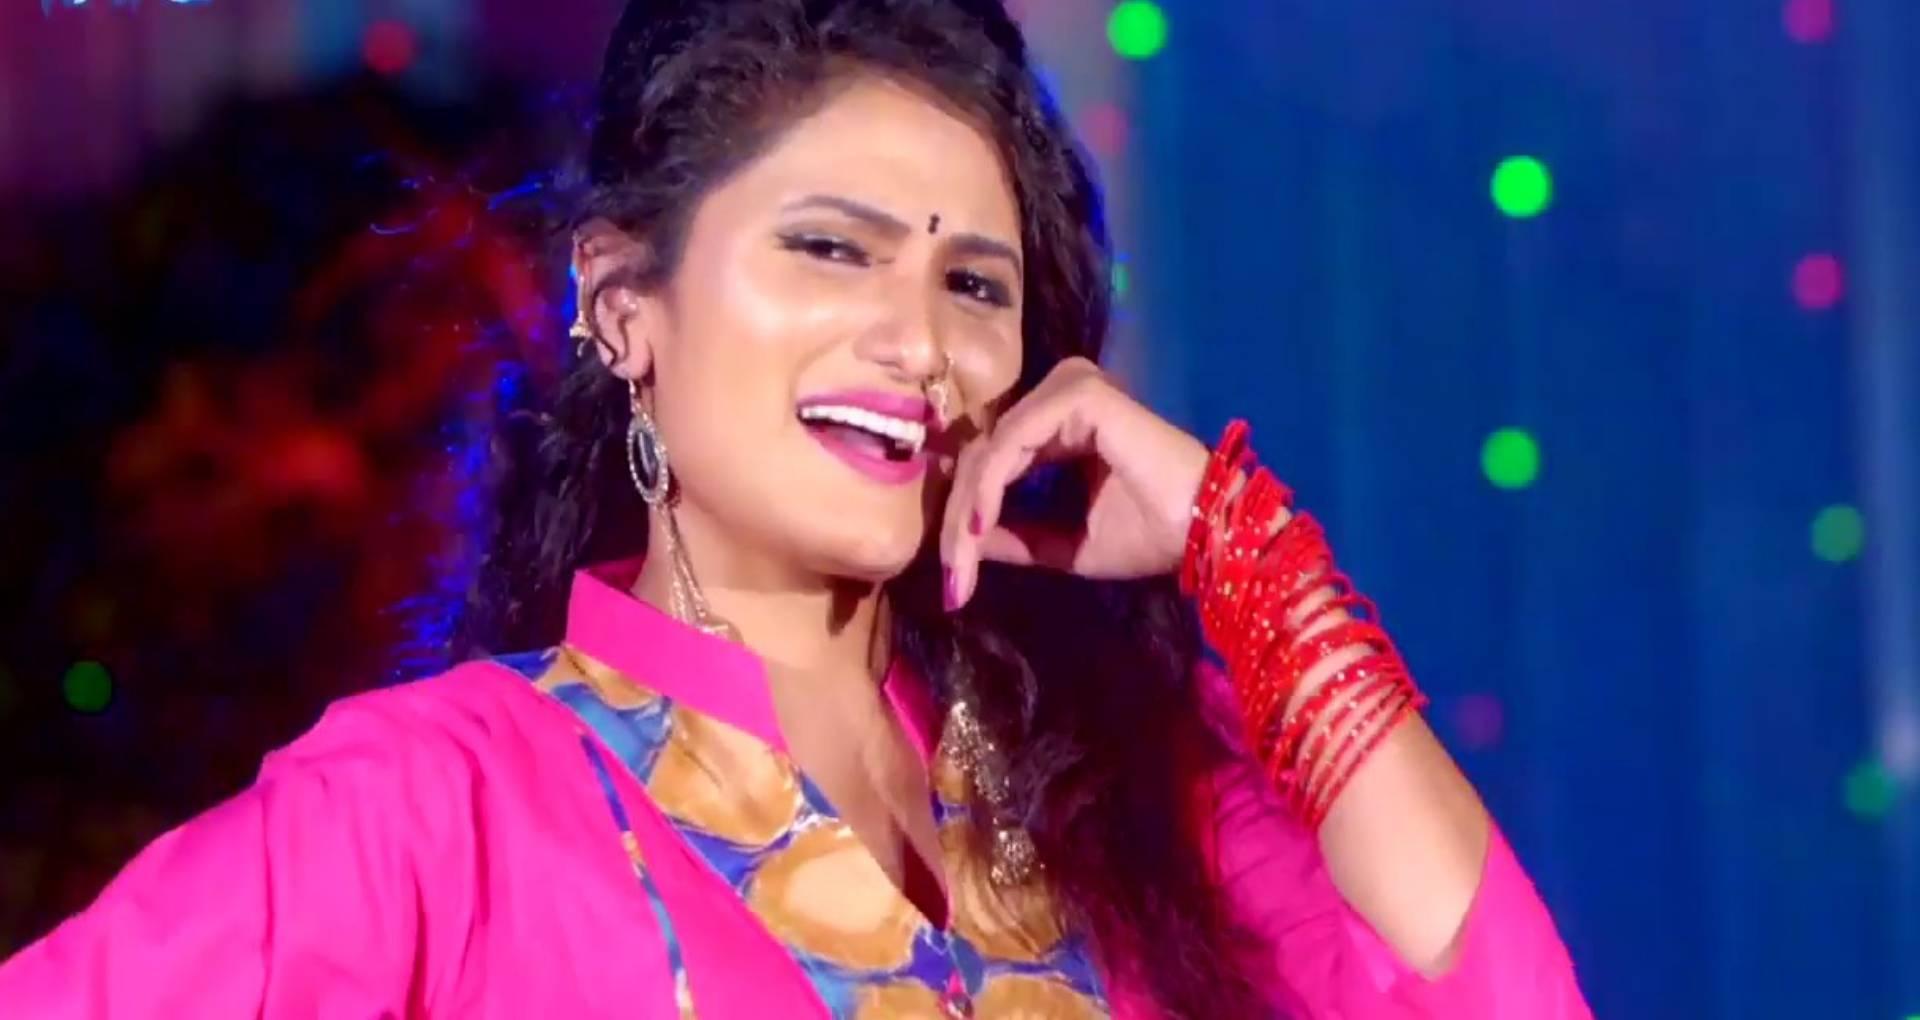 भोजपुरी फिल्मों और गानों में अश्लीलता फैलाने वाले 14 लोगों के खिलाफ FIR दर्ज, इस फेमस सिंगर पर भी लगा आरोप